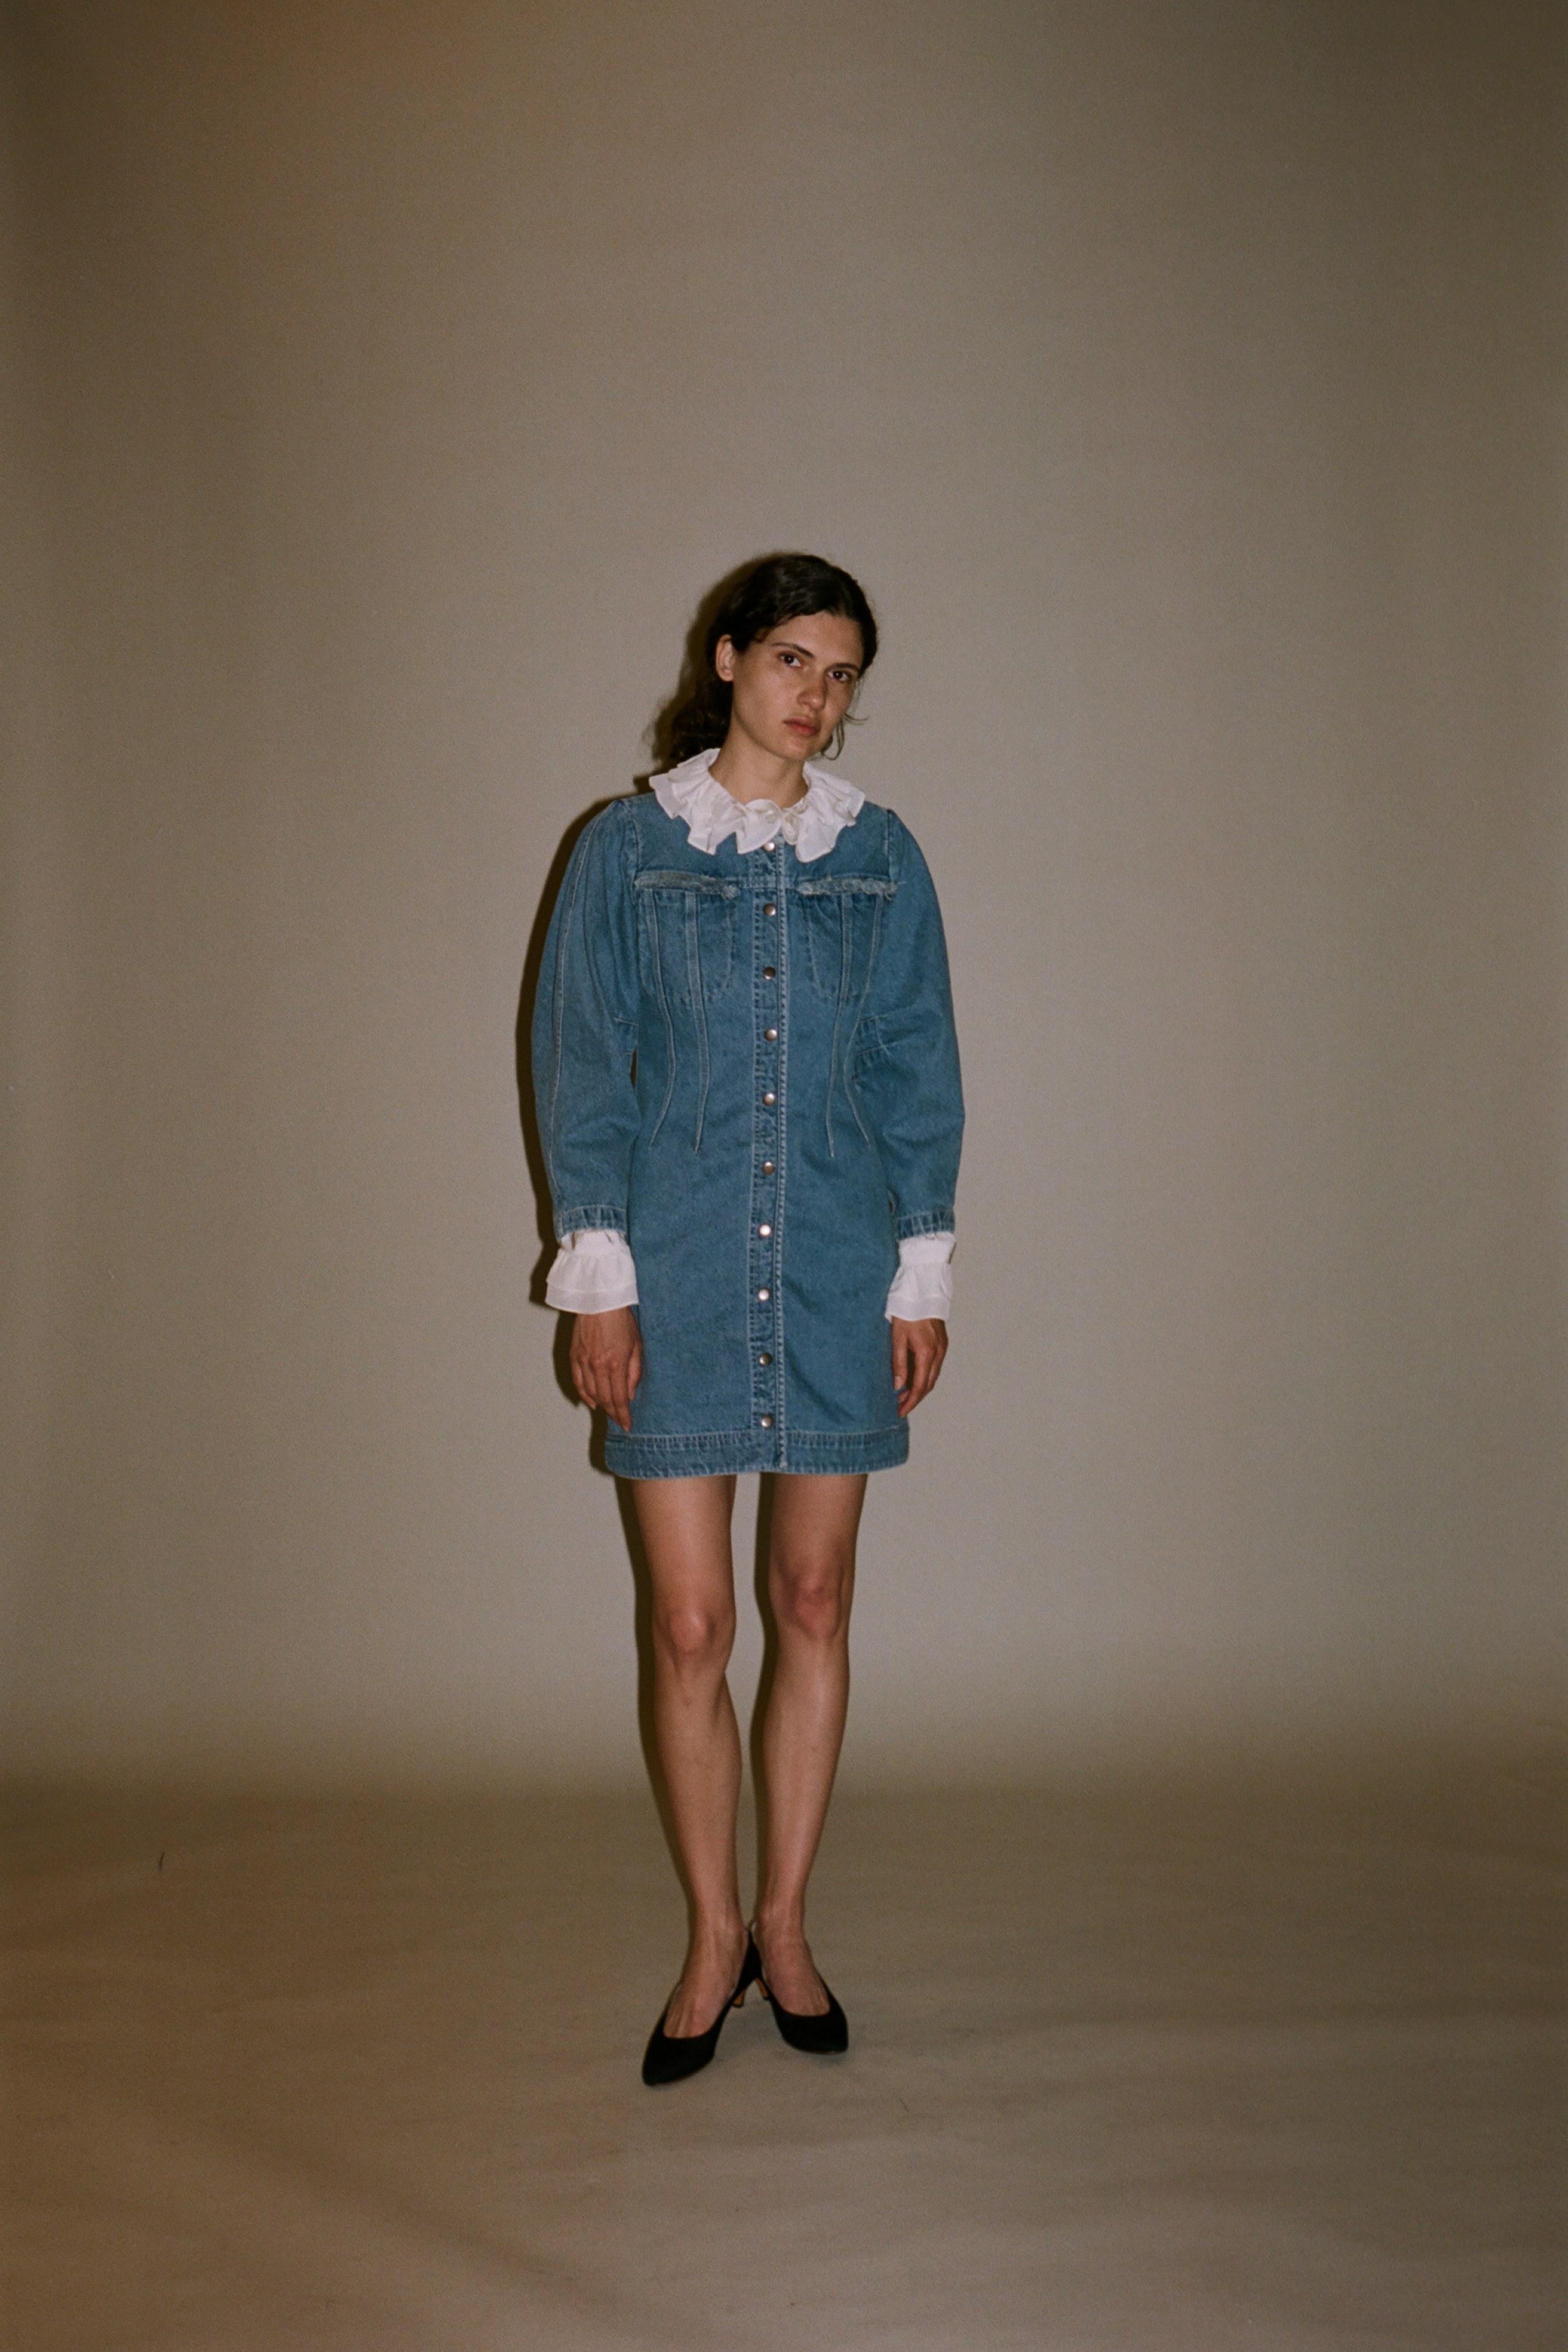 Doreen denim dress, sinclair silk blouse